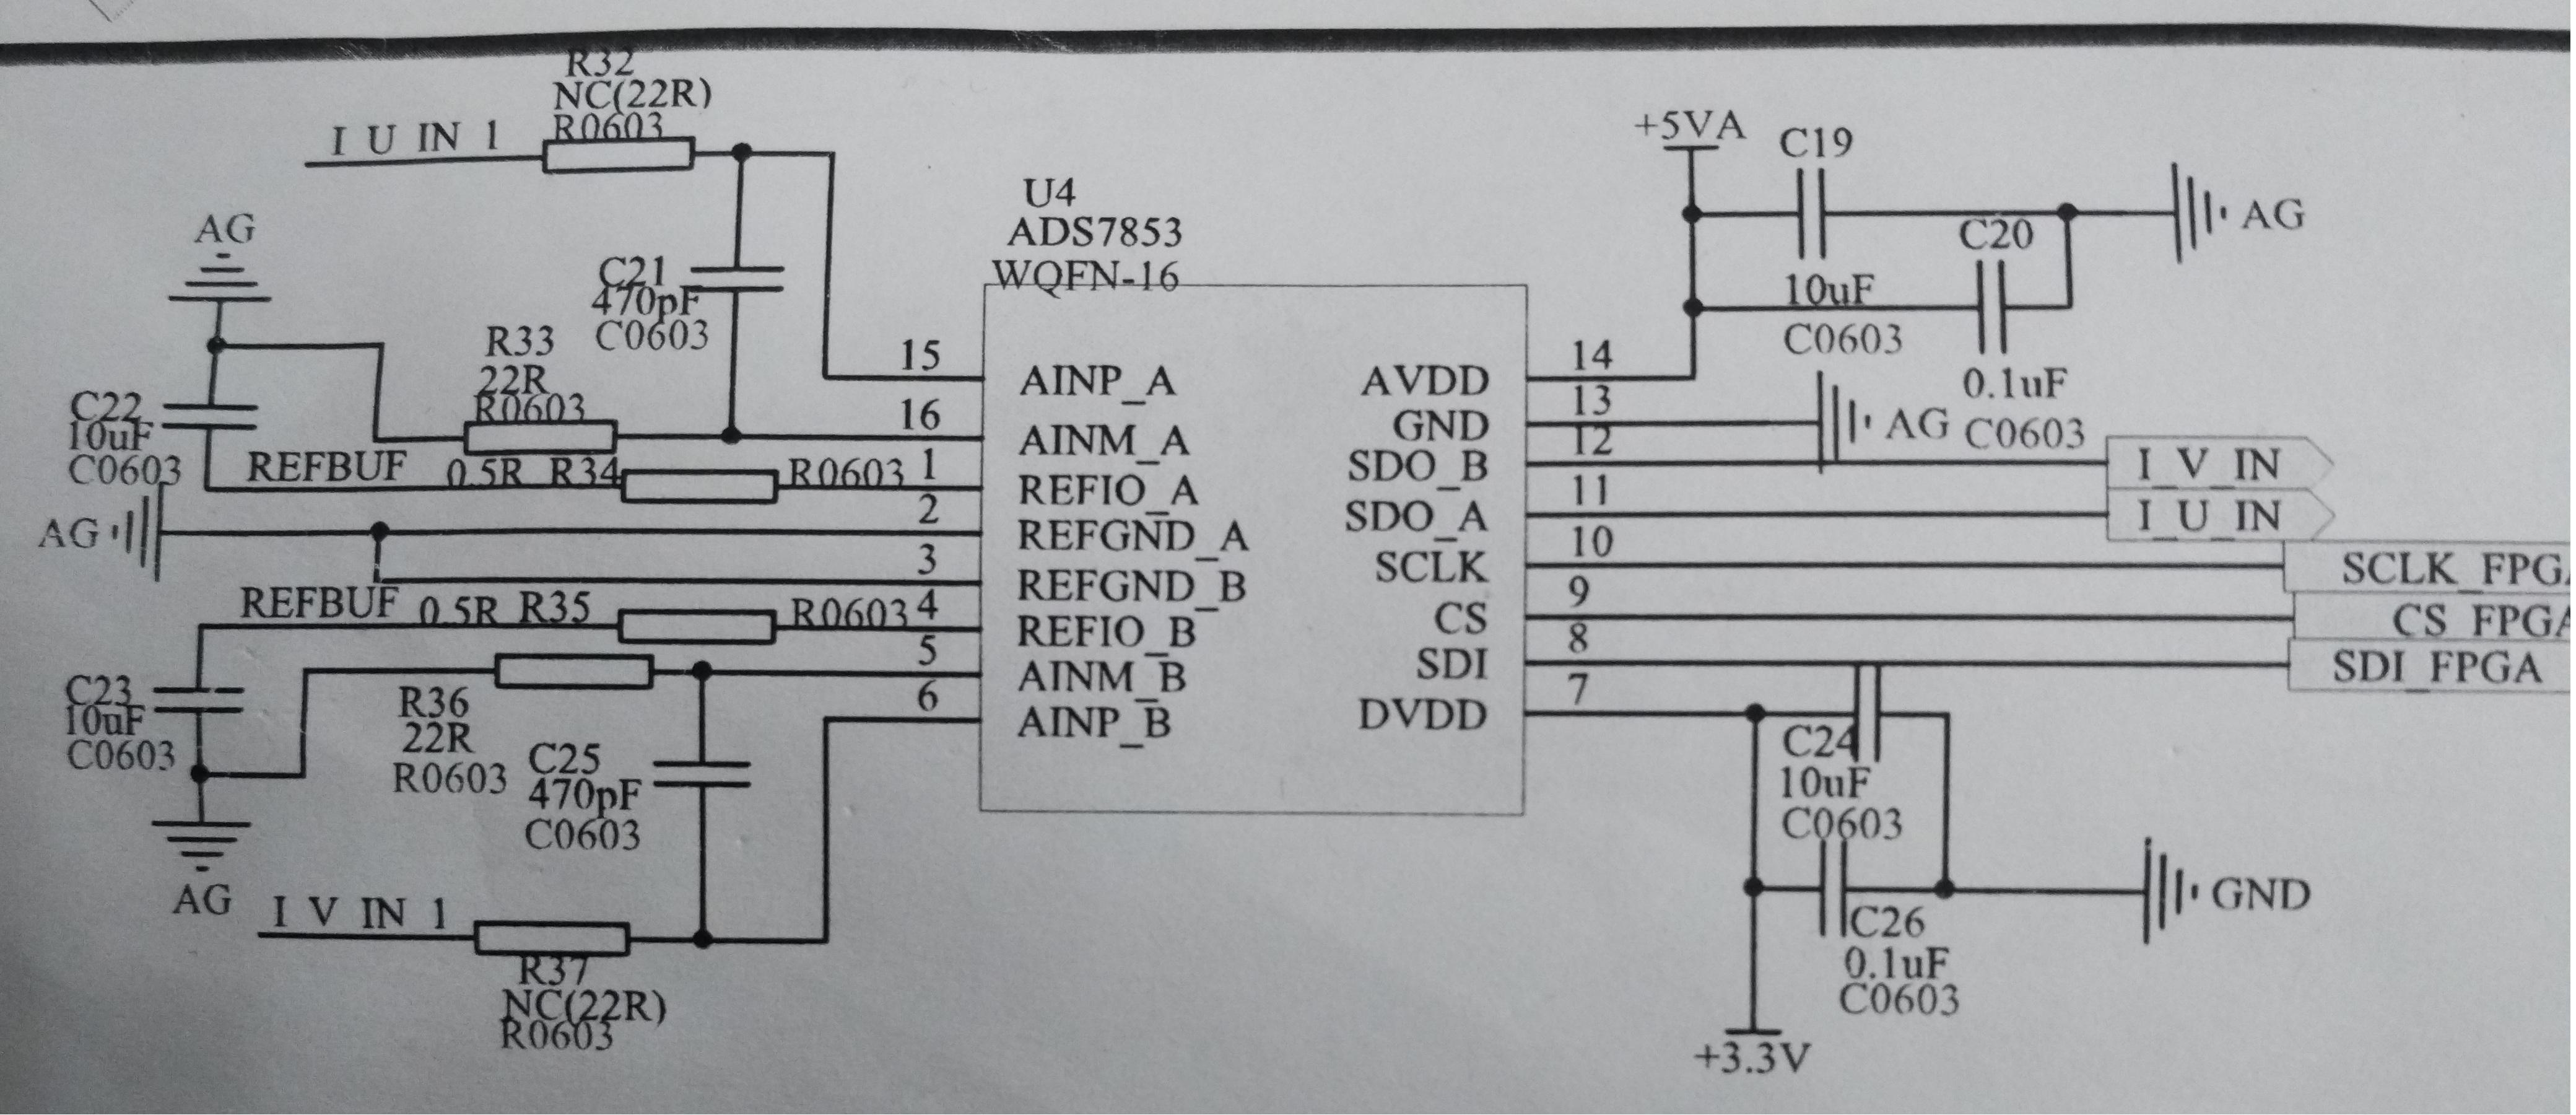 新做的ADS7853电路,如图: REFBUF:为2.5V电压 R32和R37为前端放大器输出的模拟量,基准电平为2.5V  目前没有进行程序配置,上电很烫温度可能到70°左右。 断掉R37,R32,R34,R35;症状没有得到缓解。 请帮忙分析一下?